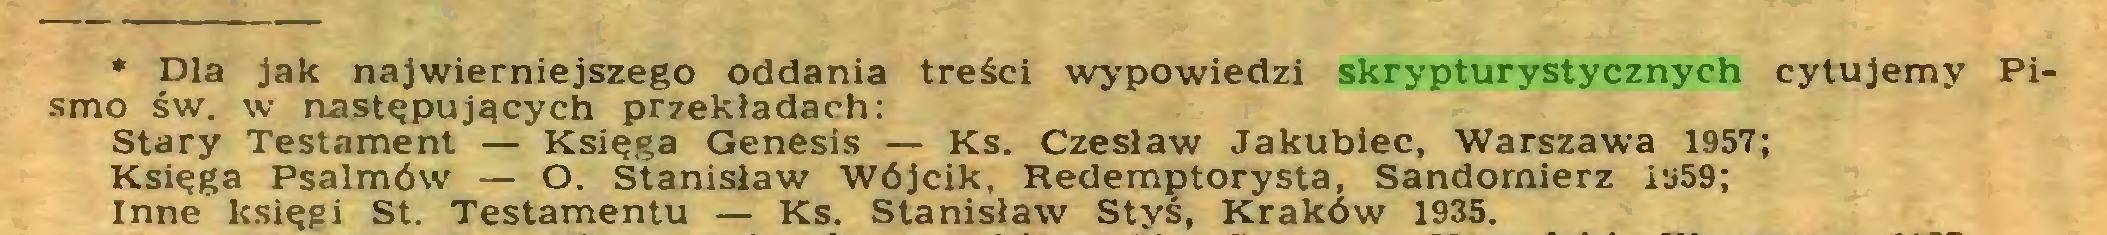 (...) * Dla jak najwierniejszego oddania treści wypowiedzi skrypturystycznych cytujemy Pismo św. w następujących przekładach: Stary Testament — Księga Genesis — Ks. Czesław Jakubiec, Warszawa 1957; Księga Psalmów — O. Stanisław Wójcik, Redemptorysta, Sandomierz 1959; Inne księgi St. Testamentu — Ks. Stanisław Stys, Kraków 1935...